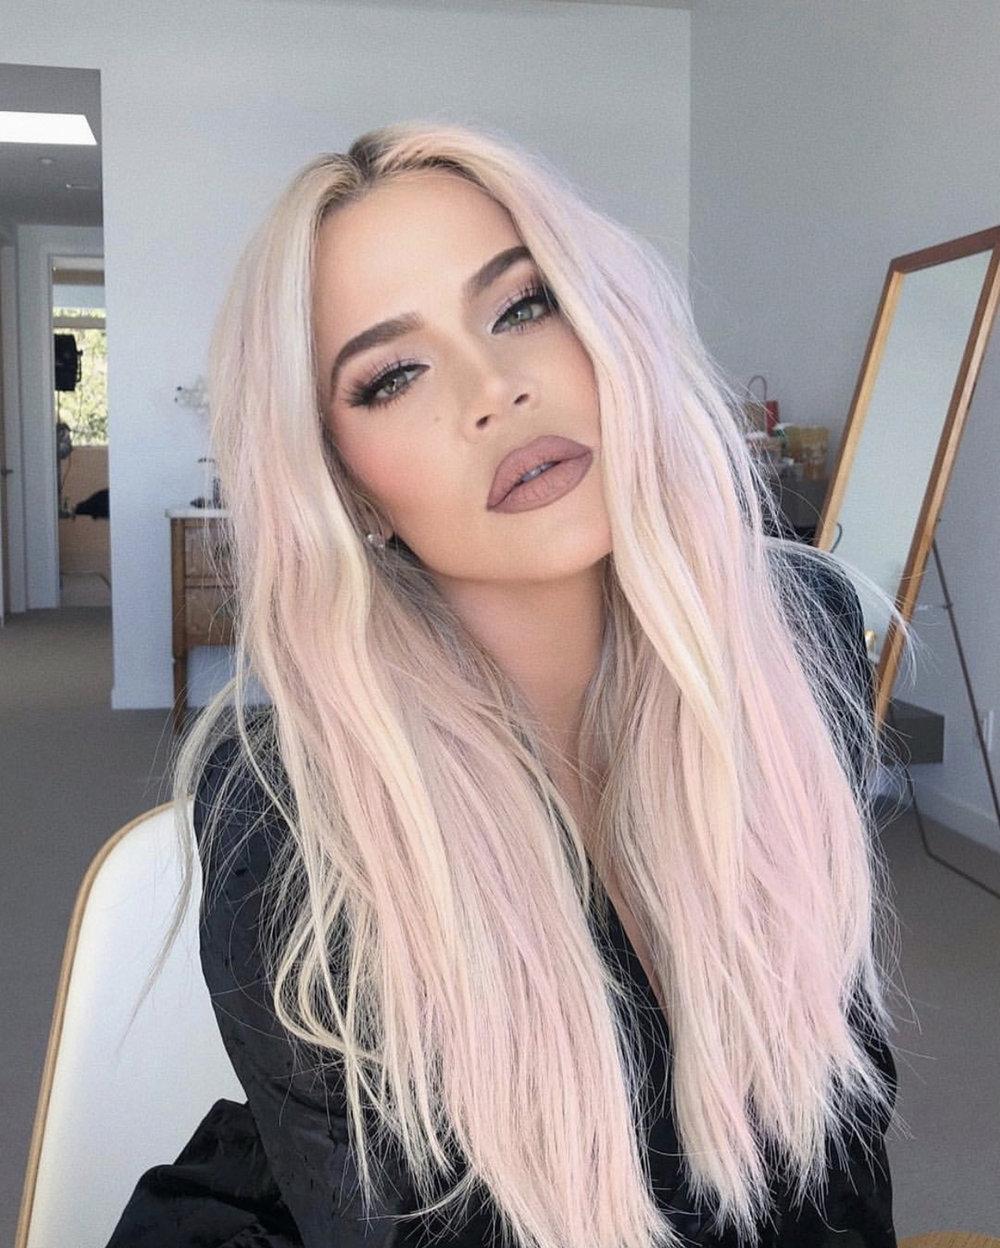 Khloe Kardashian i pastel-pink. Husk at så lyse toner må opprettholdes hjemme, ettersom det blir fort vasket ut. Desto lysere farge-desto færre pigmenter-desto kortere varighet. (Om ikke håret ditt er en porøs svamp da..)